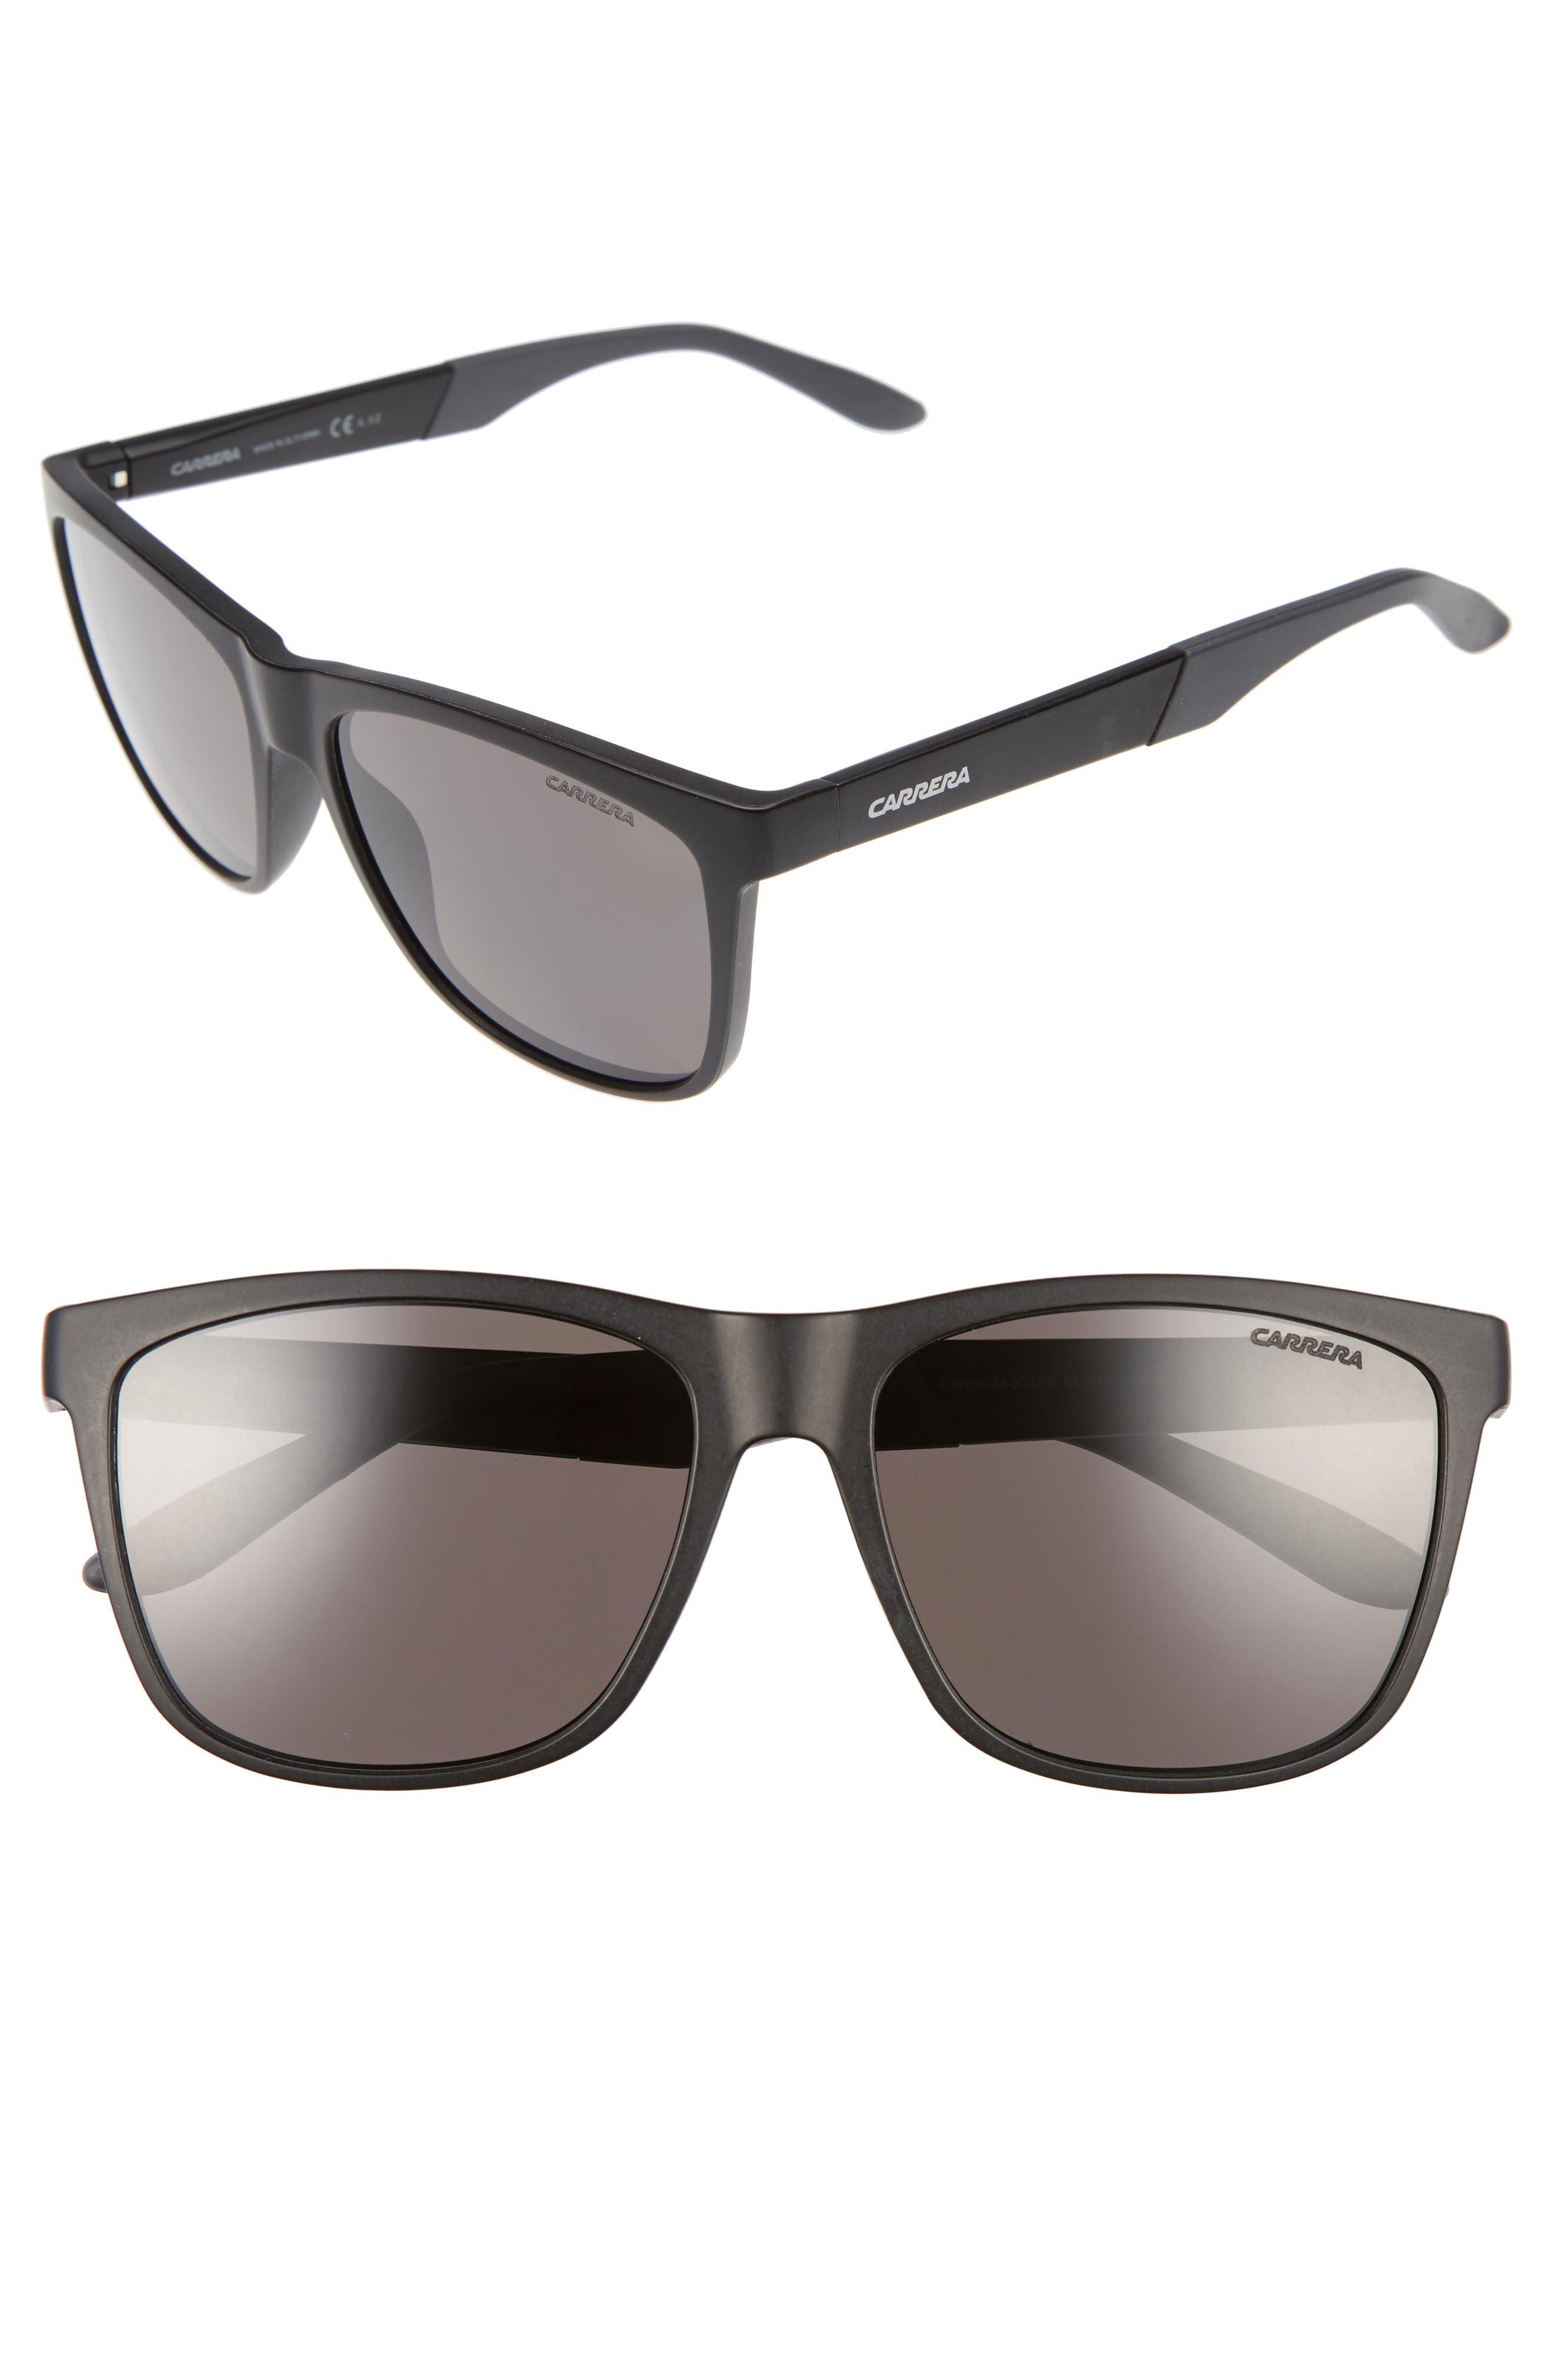 8022/S 56mm Polarized Sunglasses,                             Main thumbnail 1, color,                             MATTE BLACK